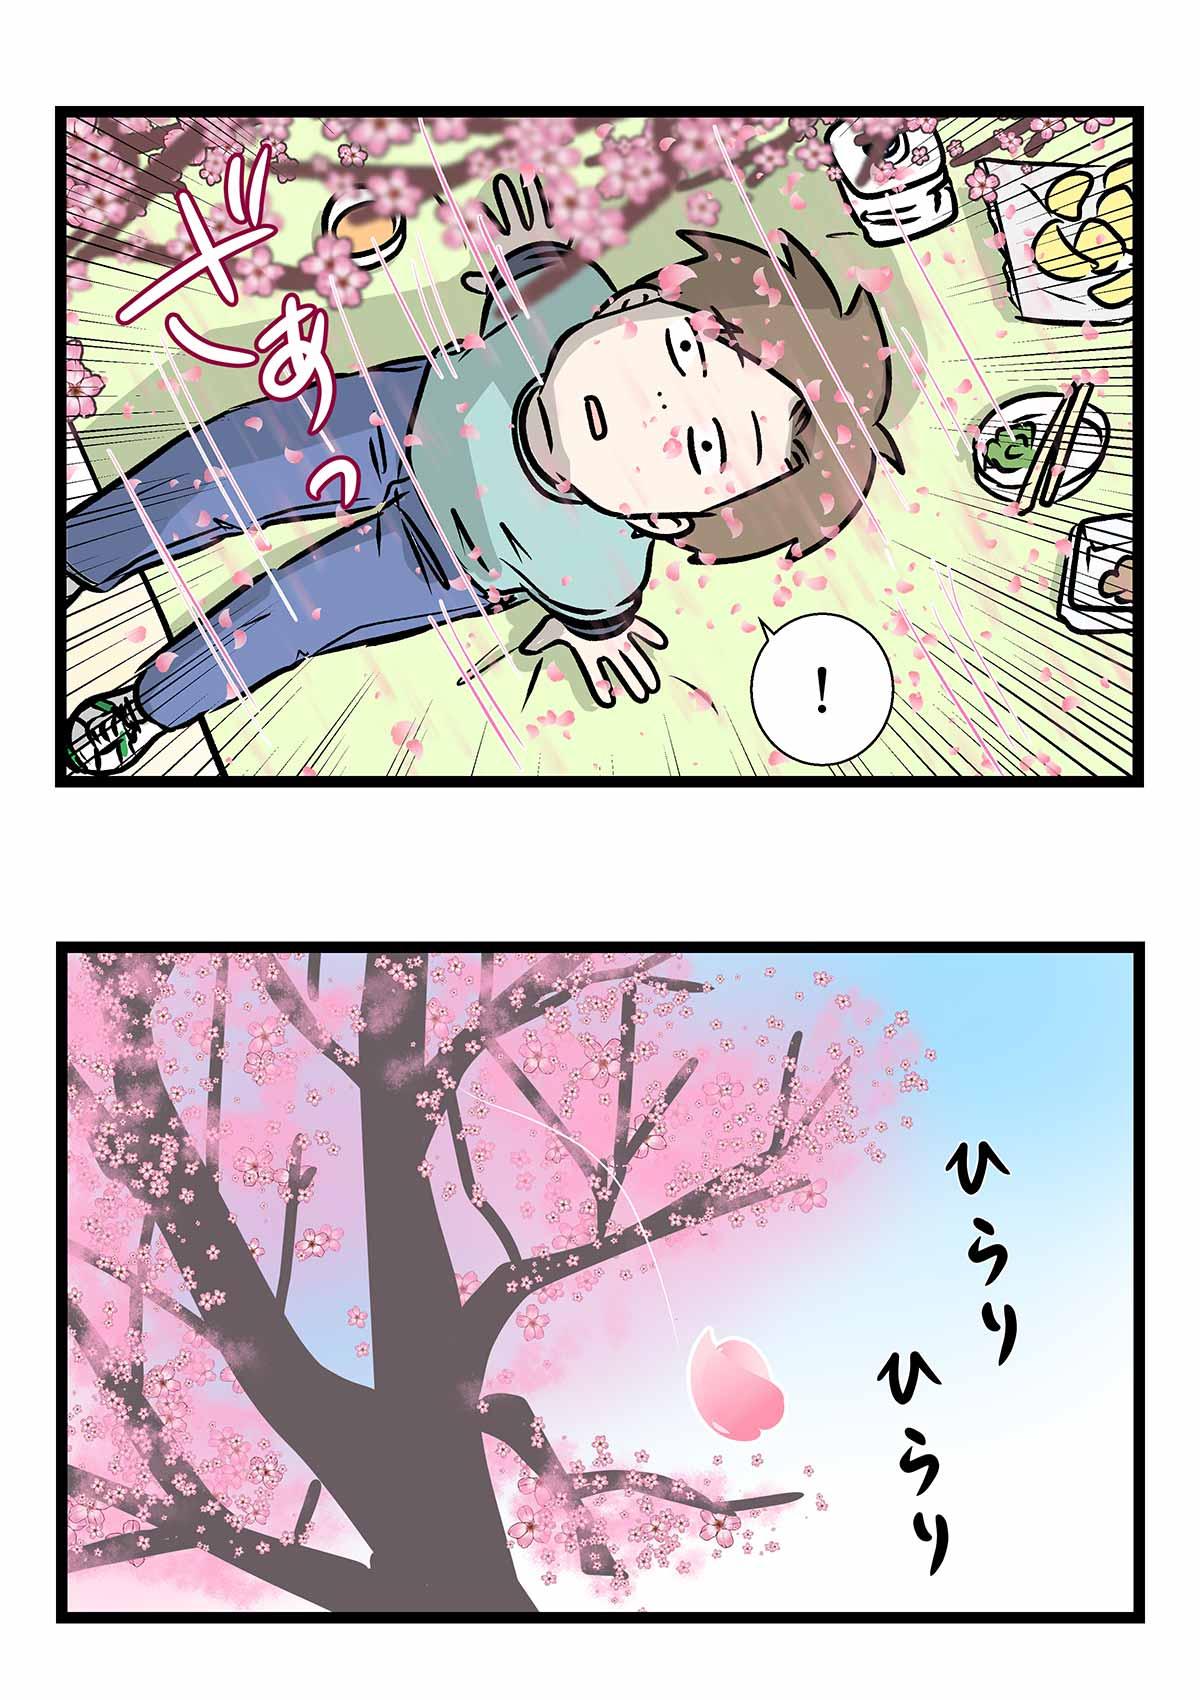 お花見で無情にも桜の尊さが散る瞬間を見た